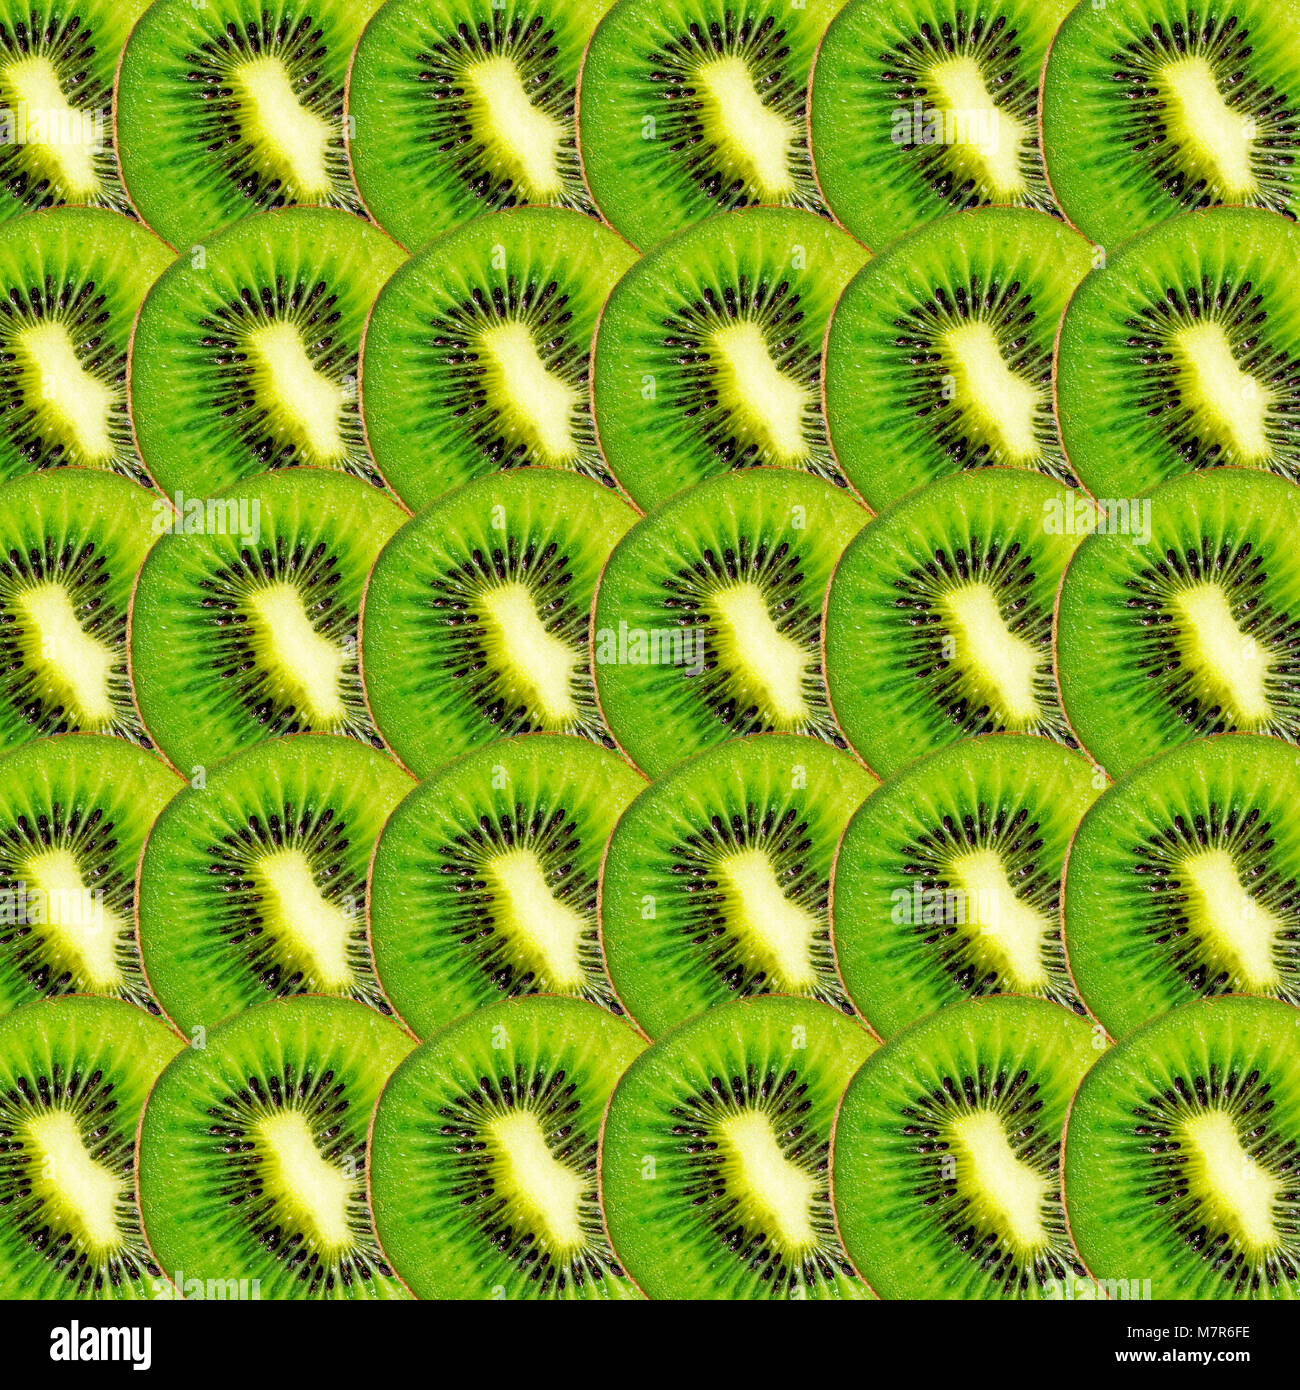 Tranches de kiwi vert, texture de fond alimentaire real photo Banque D'Images